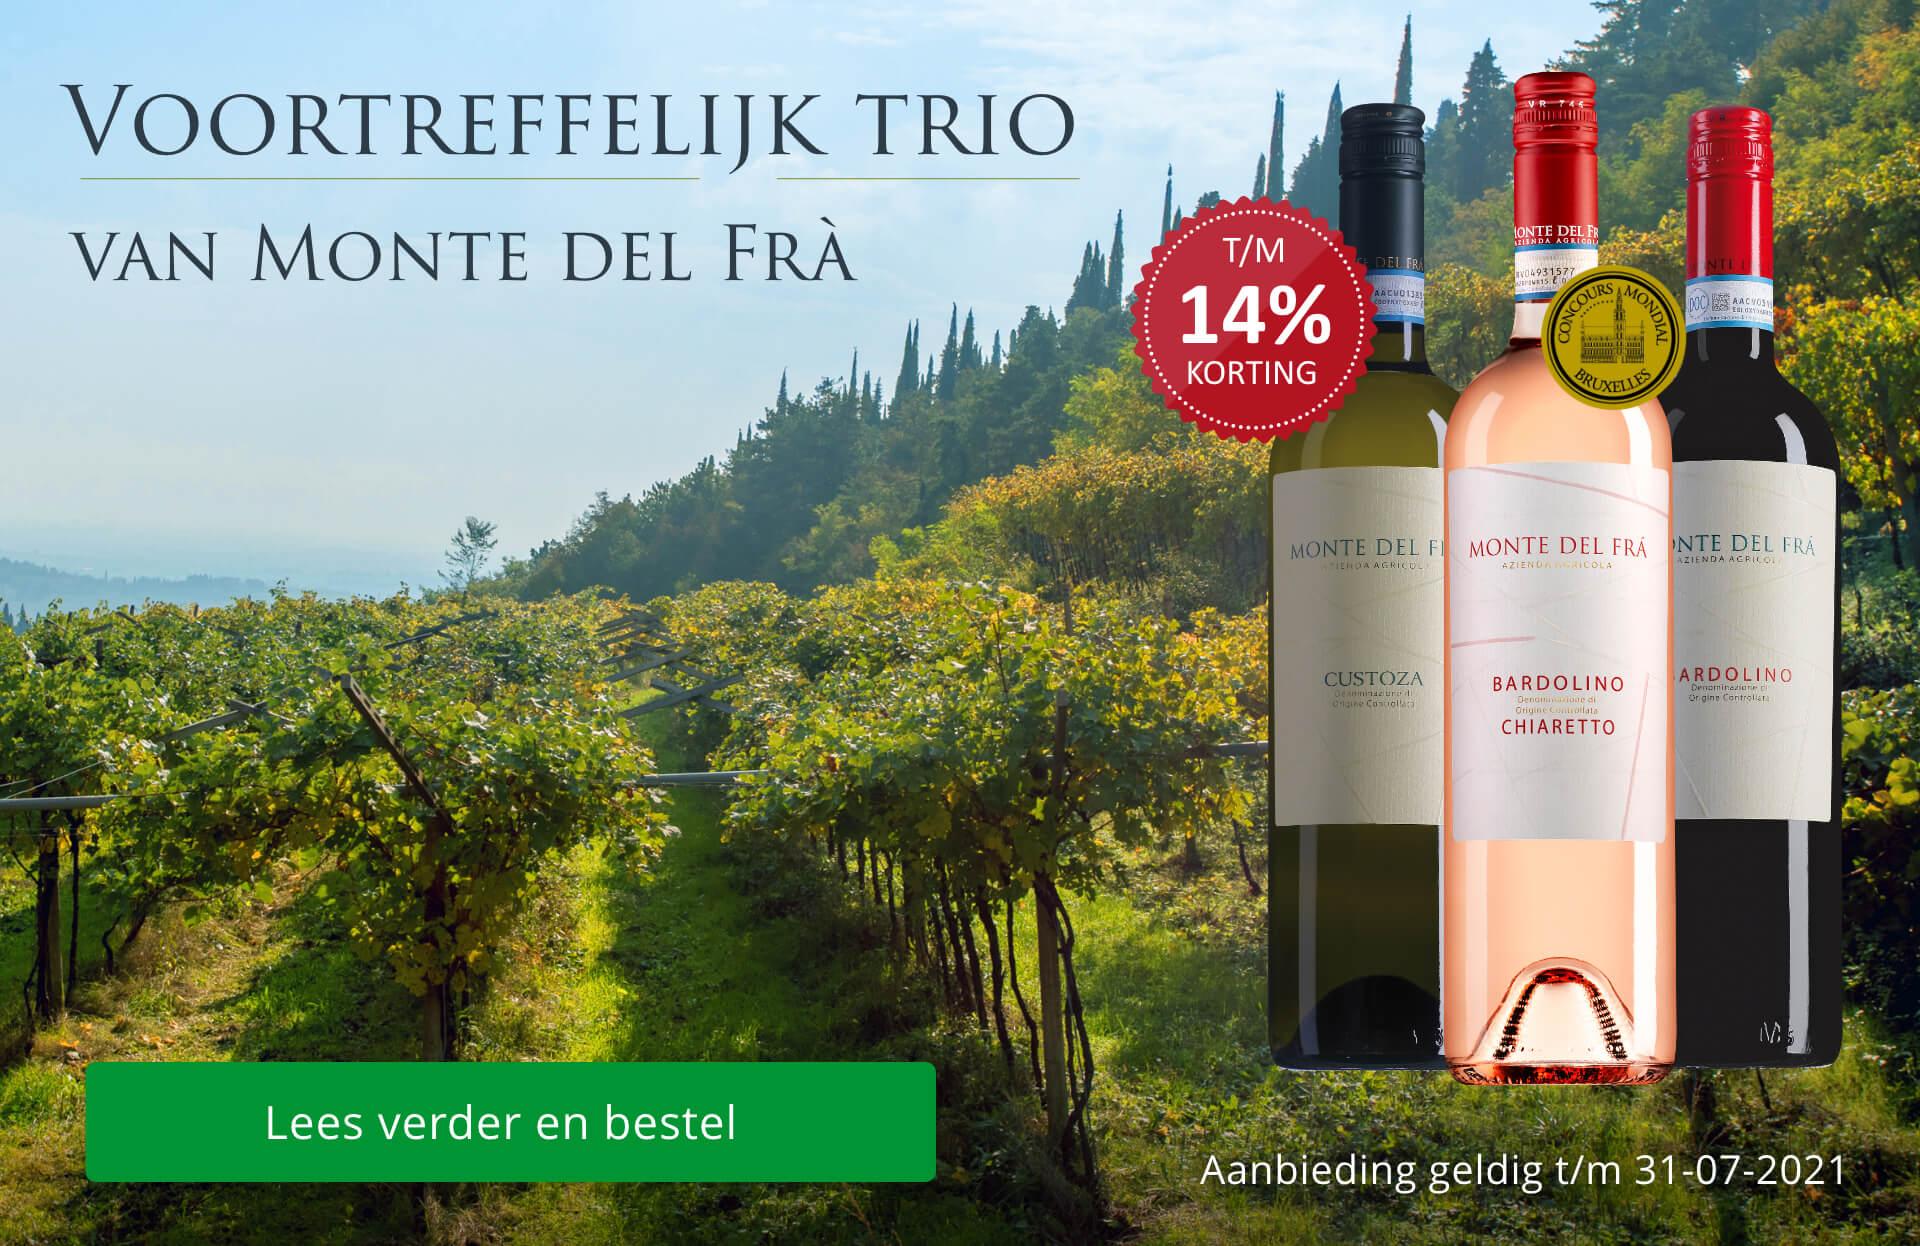 Voortreffelijk trio van Monte del Frà